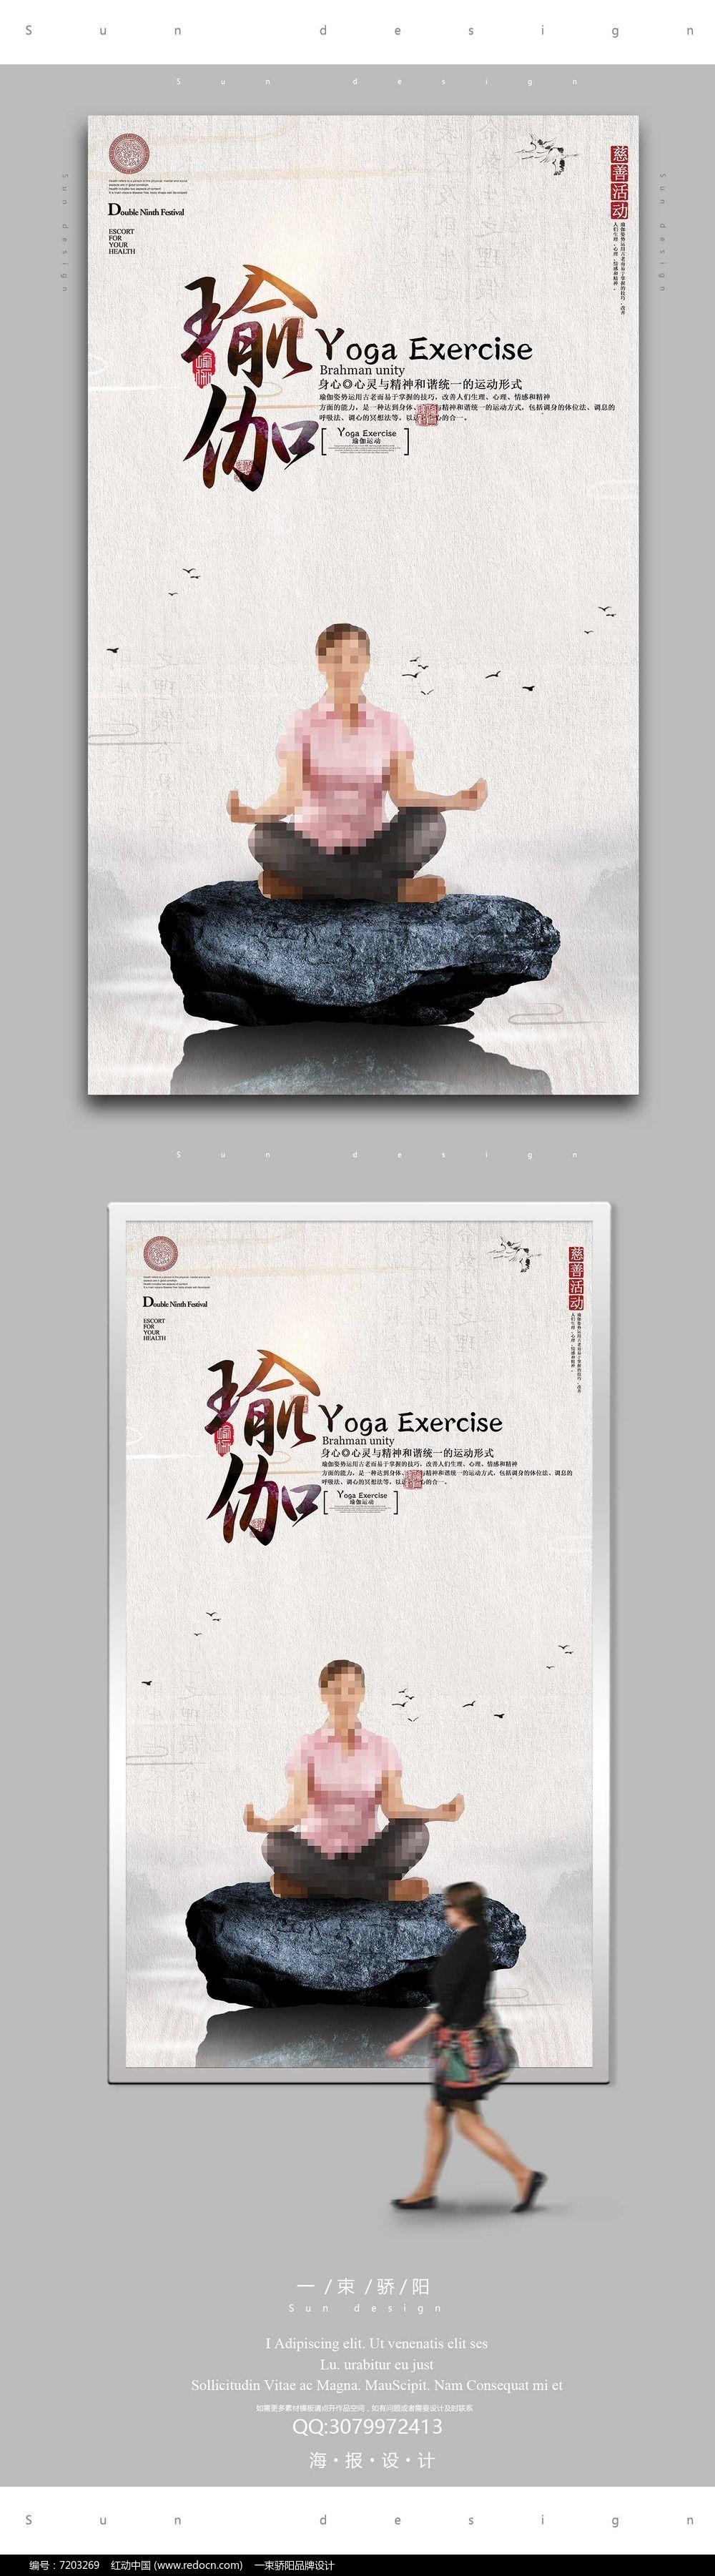 简约瑜伽海报设计PSD图片